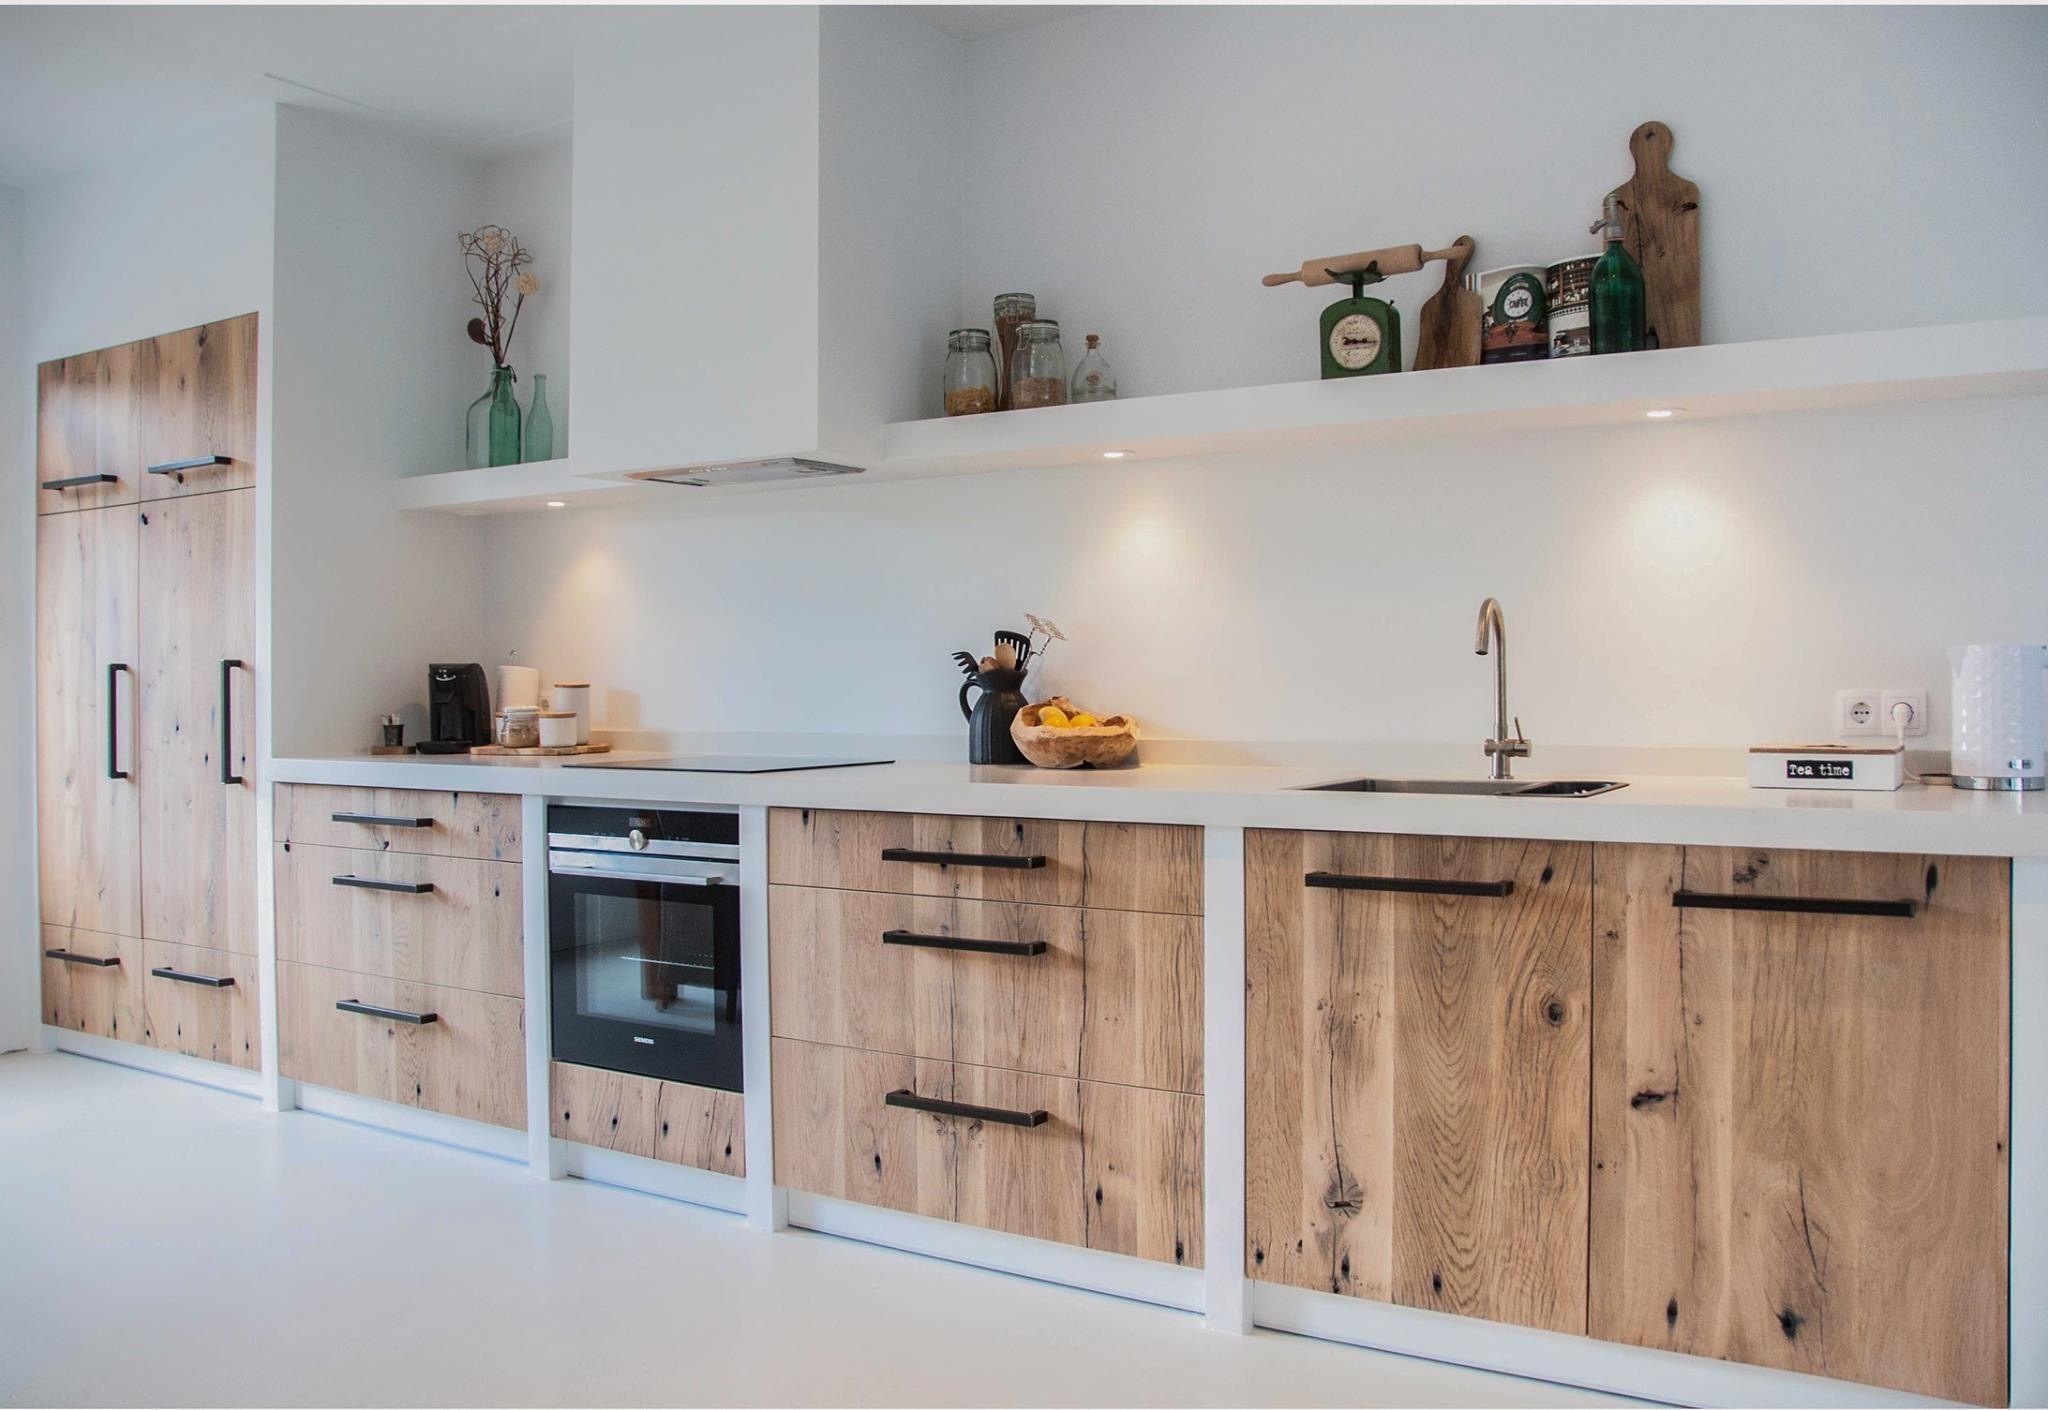 pin von elisabeth pferschy auf k che inspirieration pinterest k che k chen ideen und. Black Bedroom Furniture Sets. Home Design Ideas